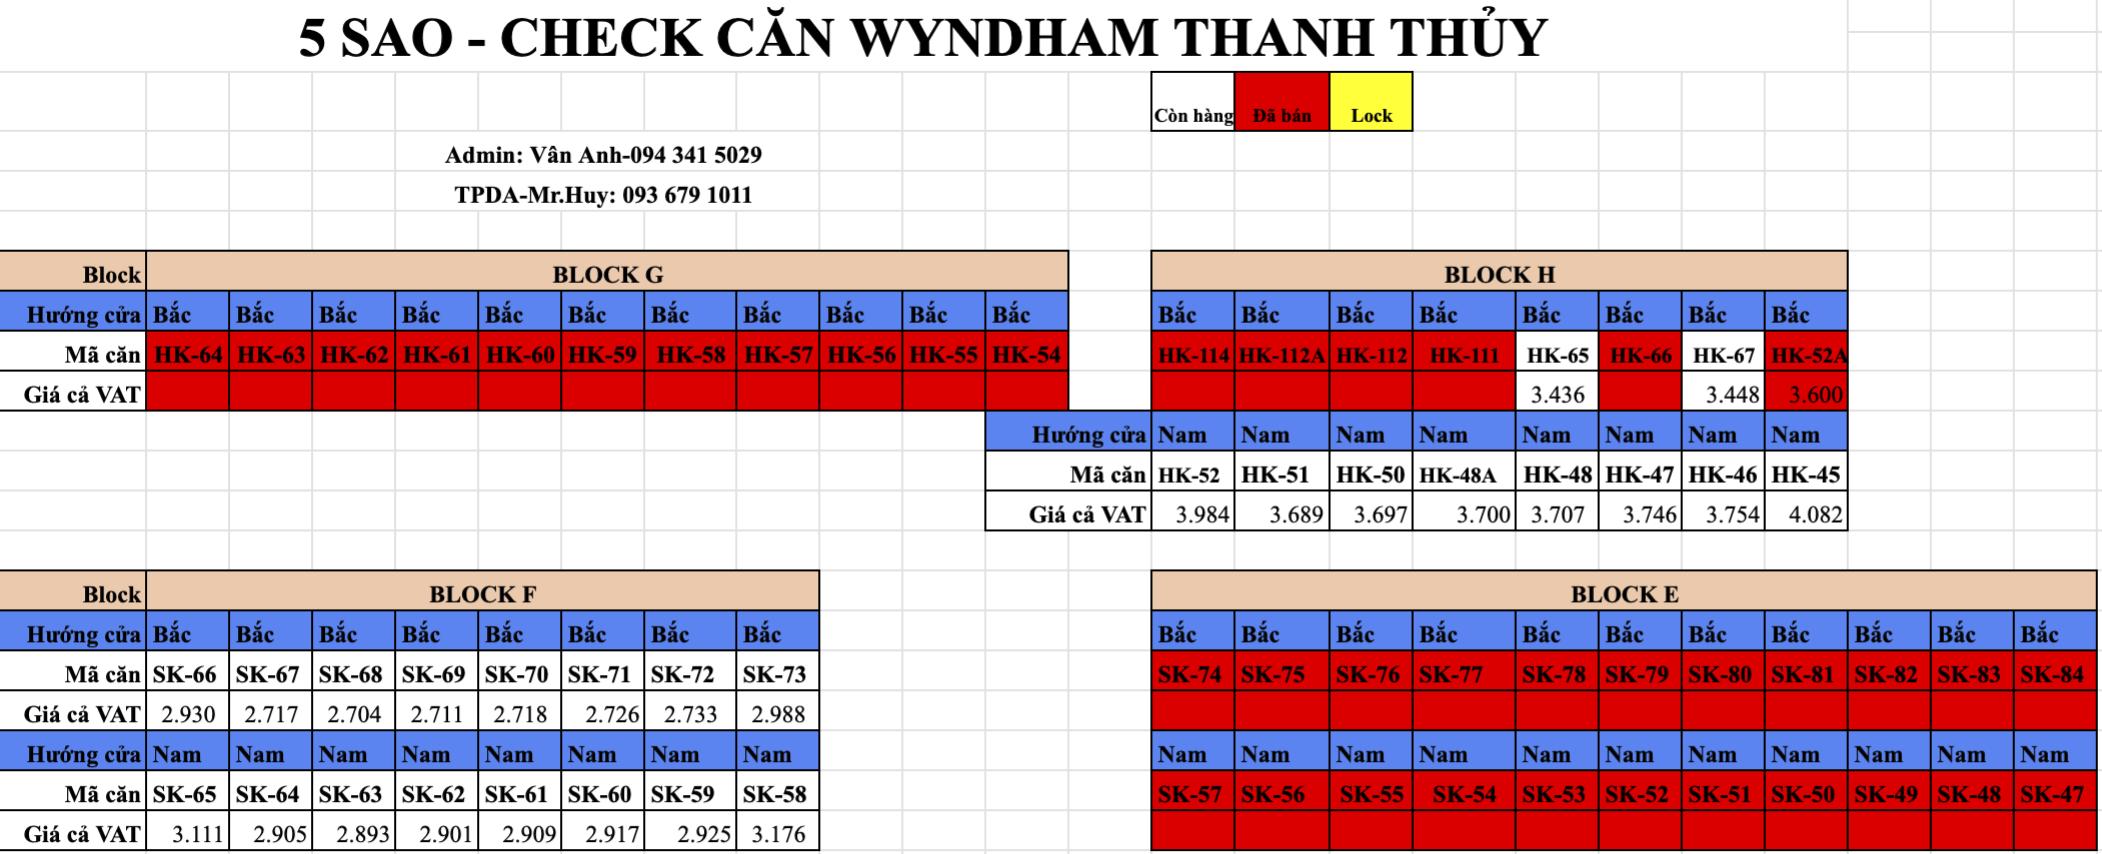 wyndham-lynn-times-thanh-thuy